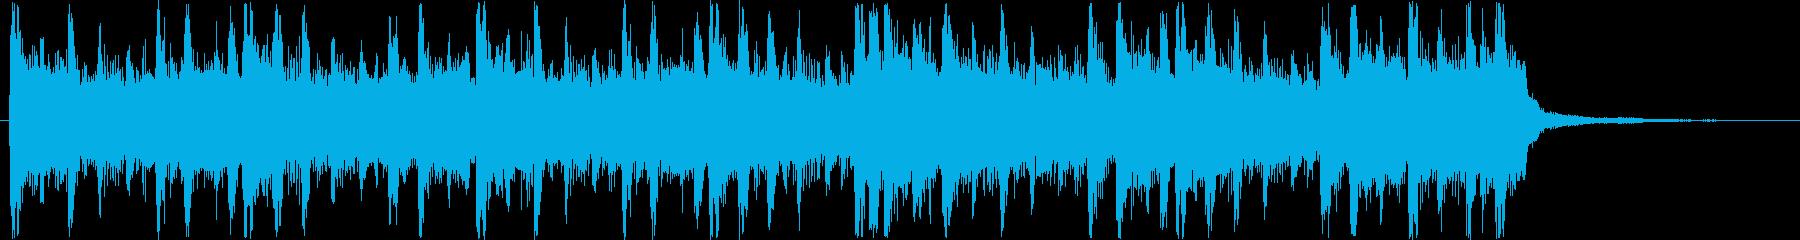 緊迫した状況のギターロックの再生済みの波形